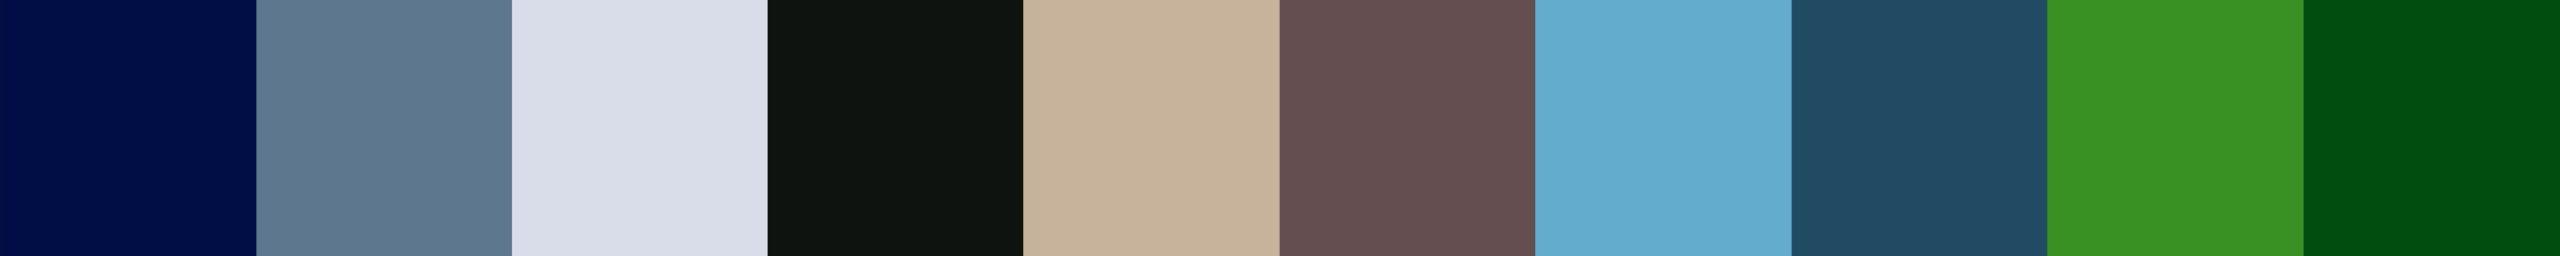 37 Roupoo Color Palette